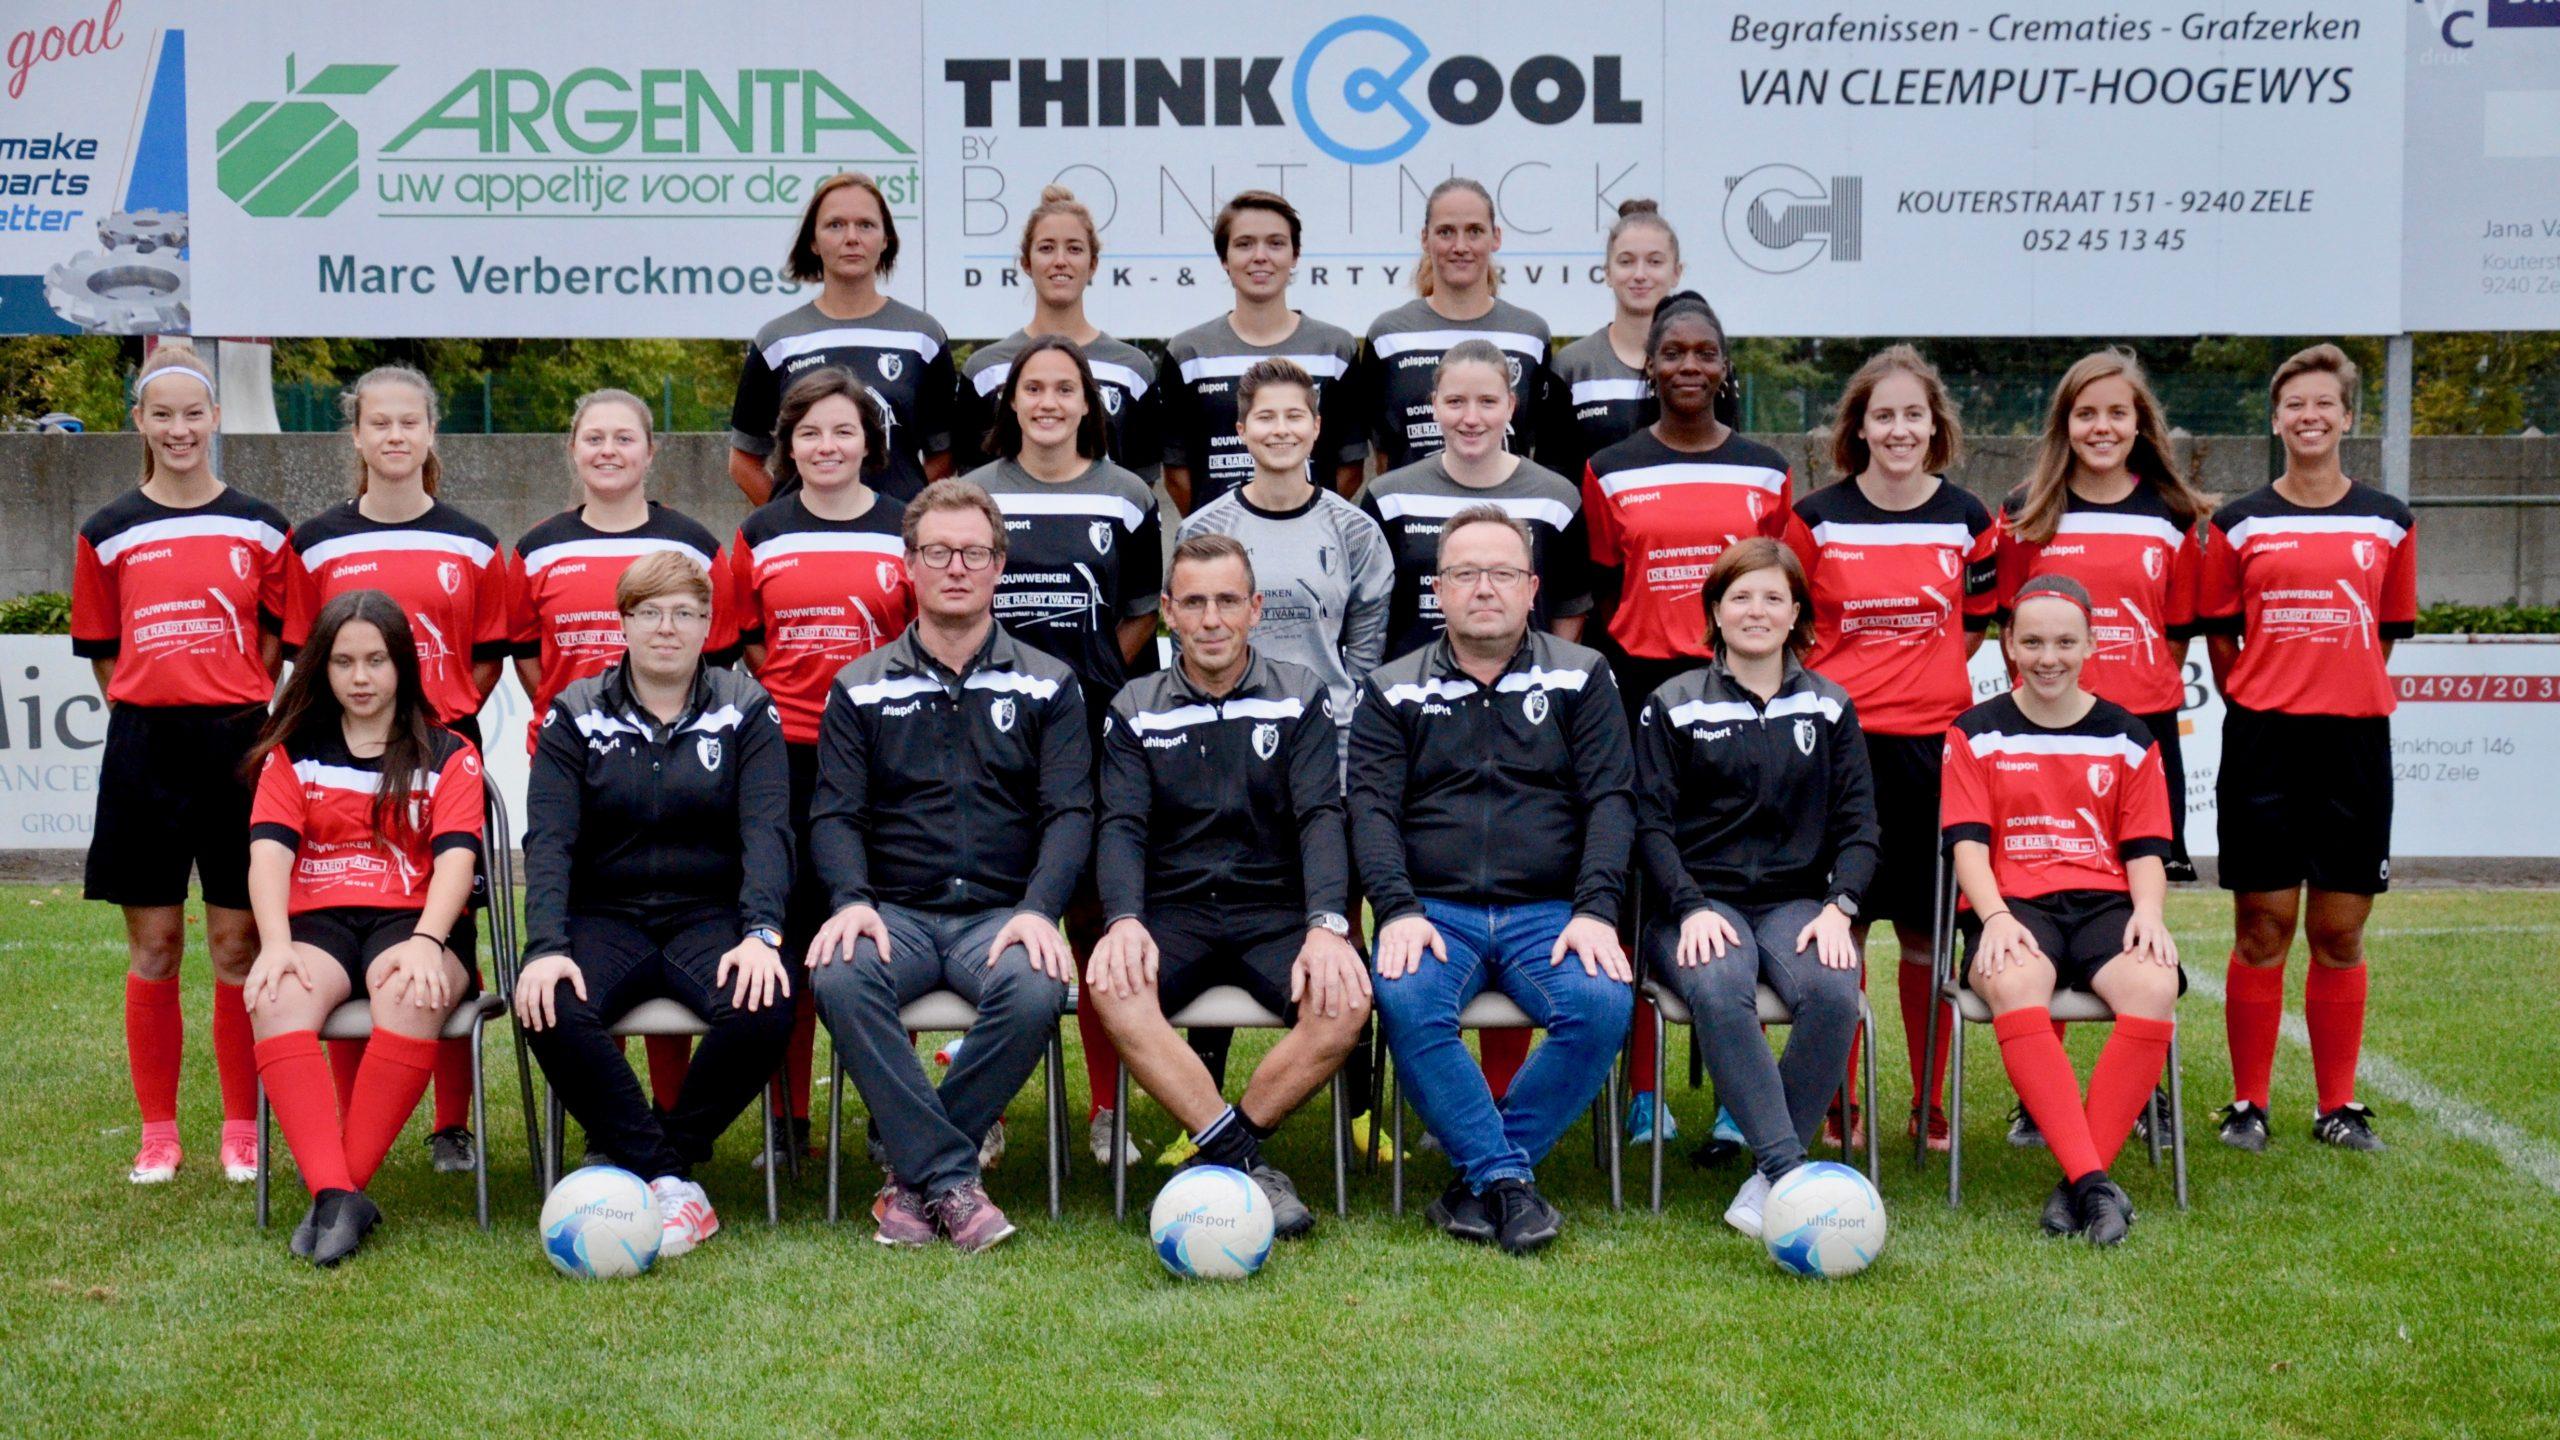 Dames voetbal Zele KFC Eendracht Zele